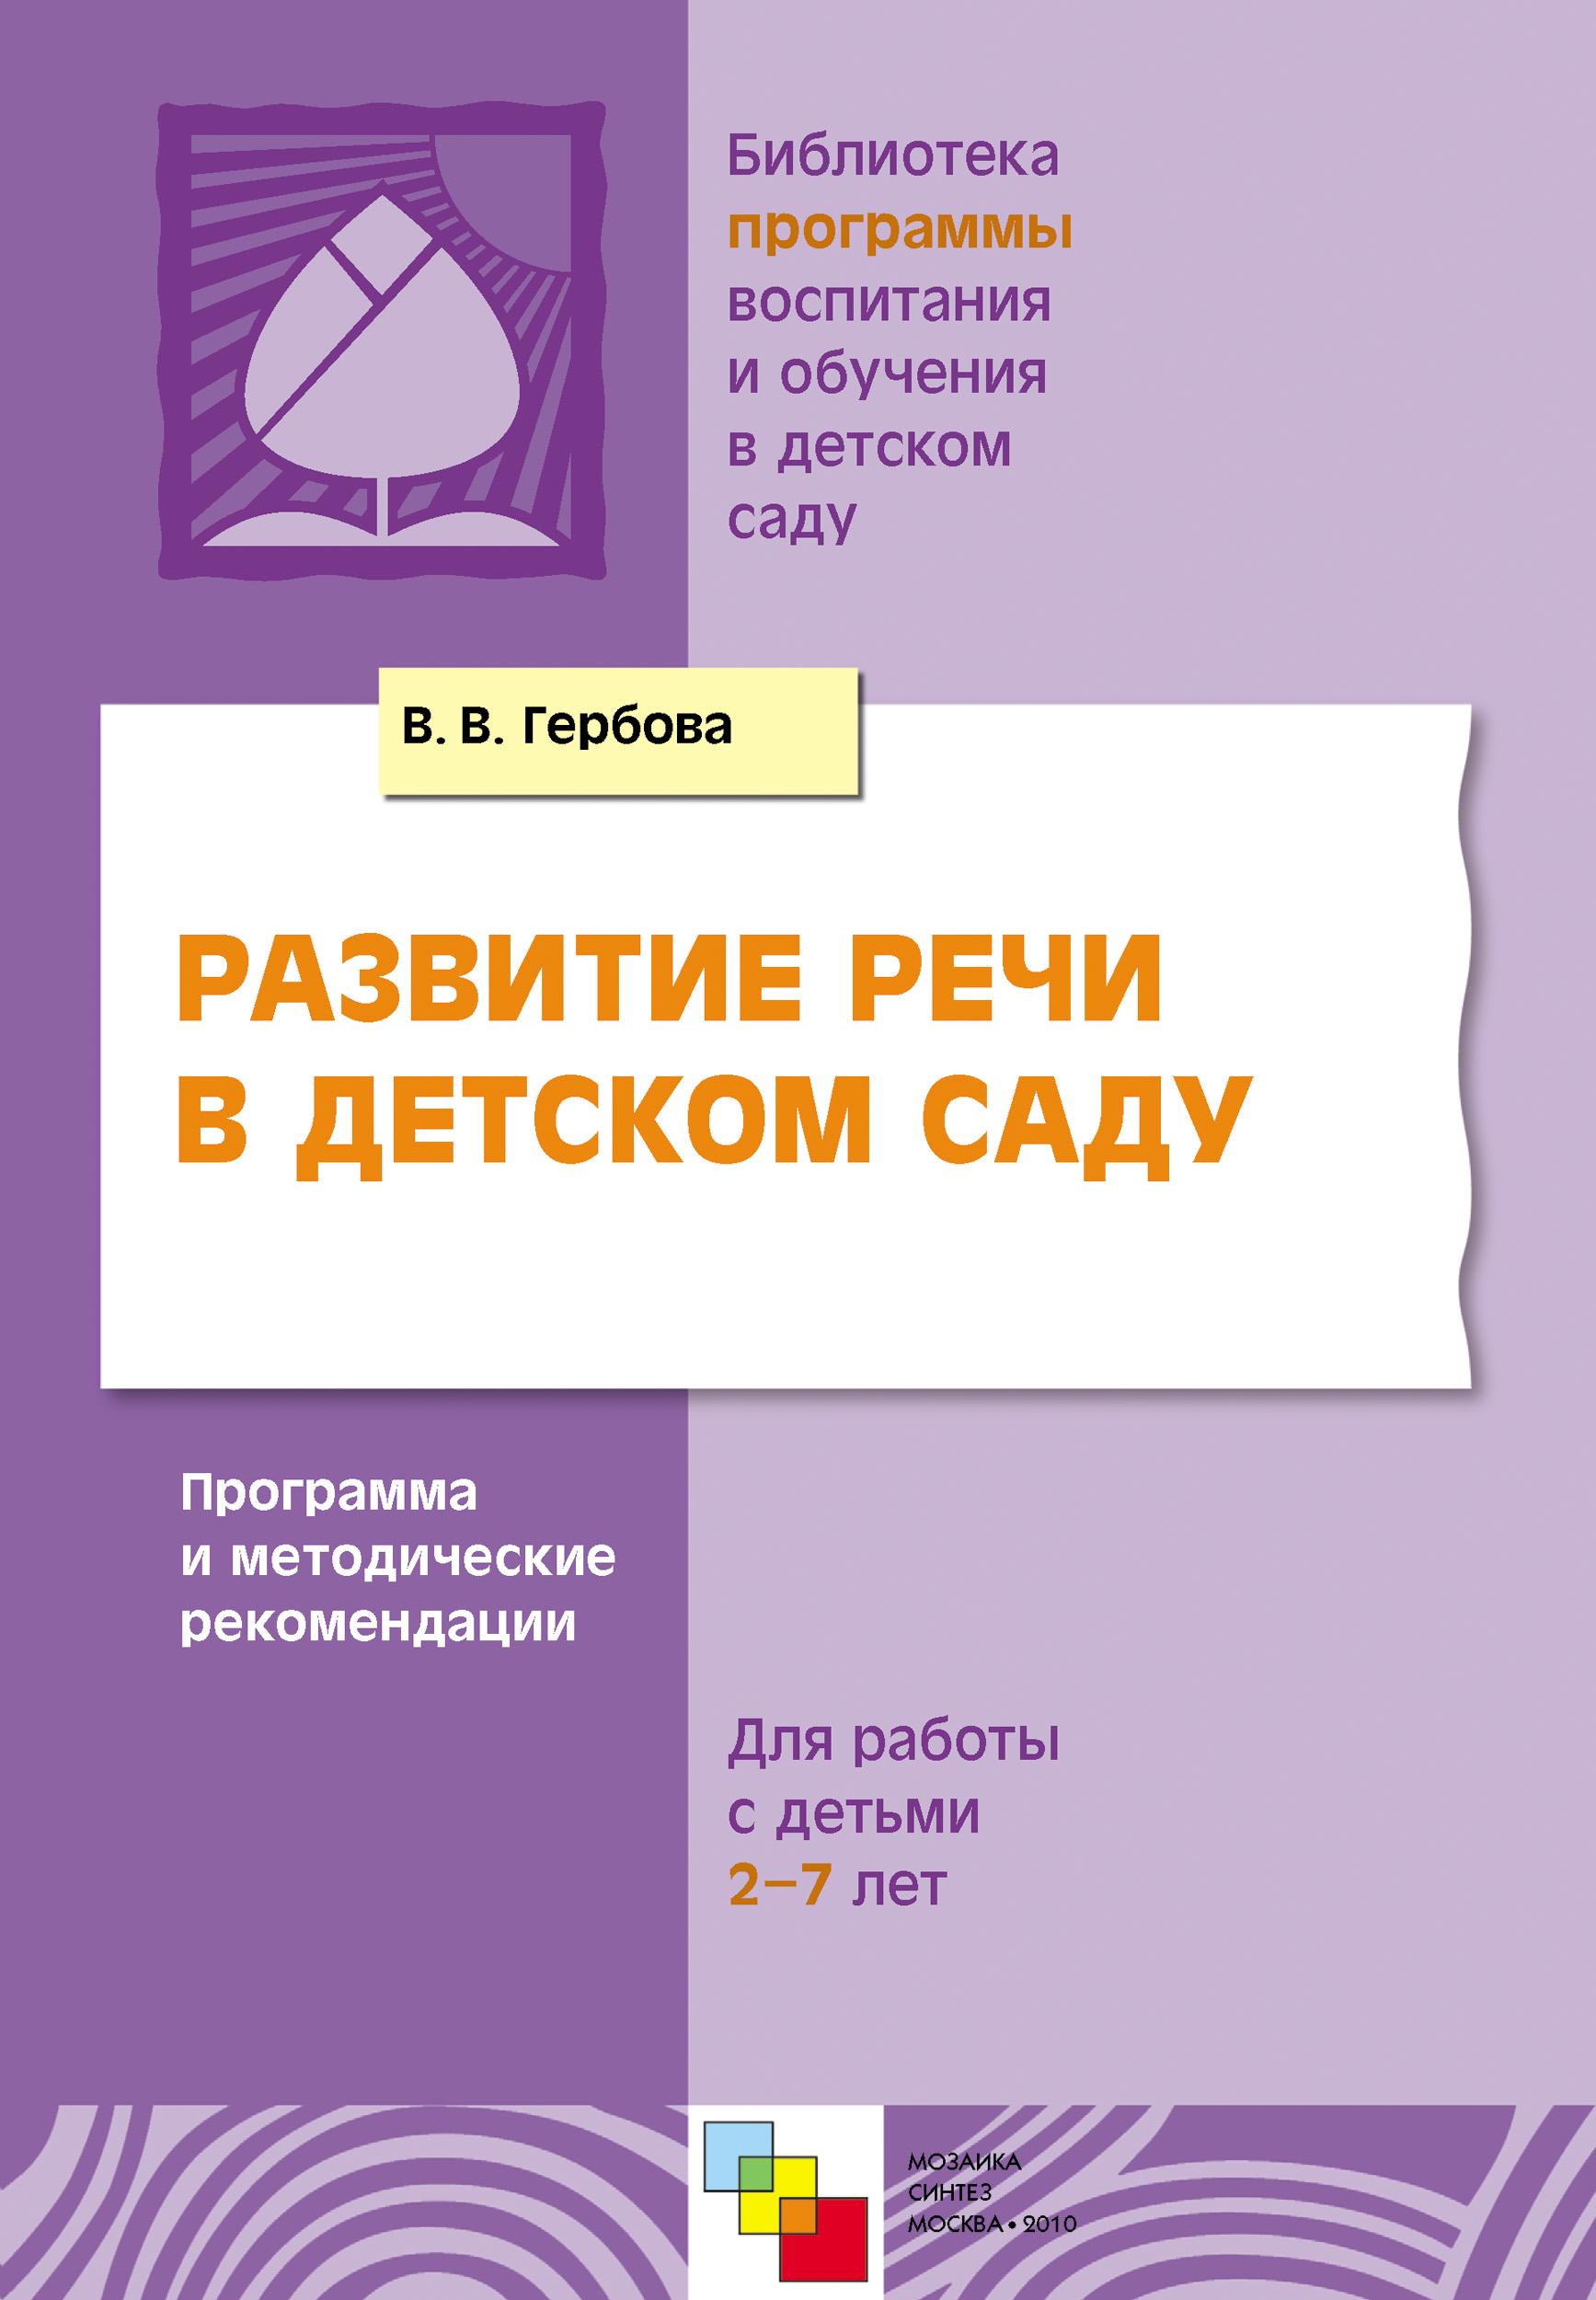 В. В. Гербова Развитие речи в детском саду. Программа и методические рекомендации. Для работы с детьми 2-7 лет